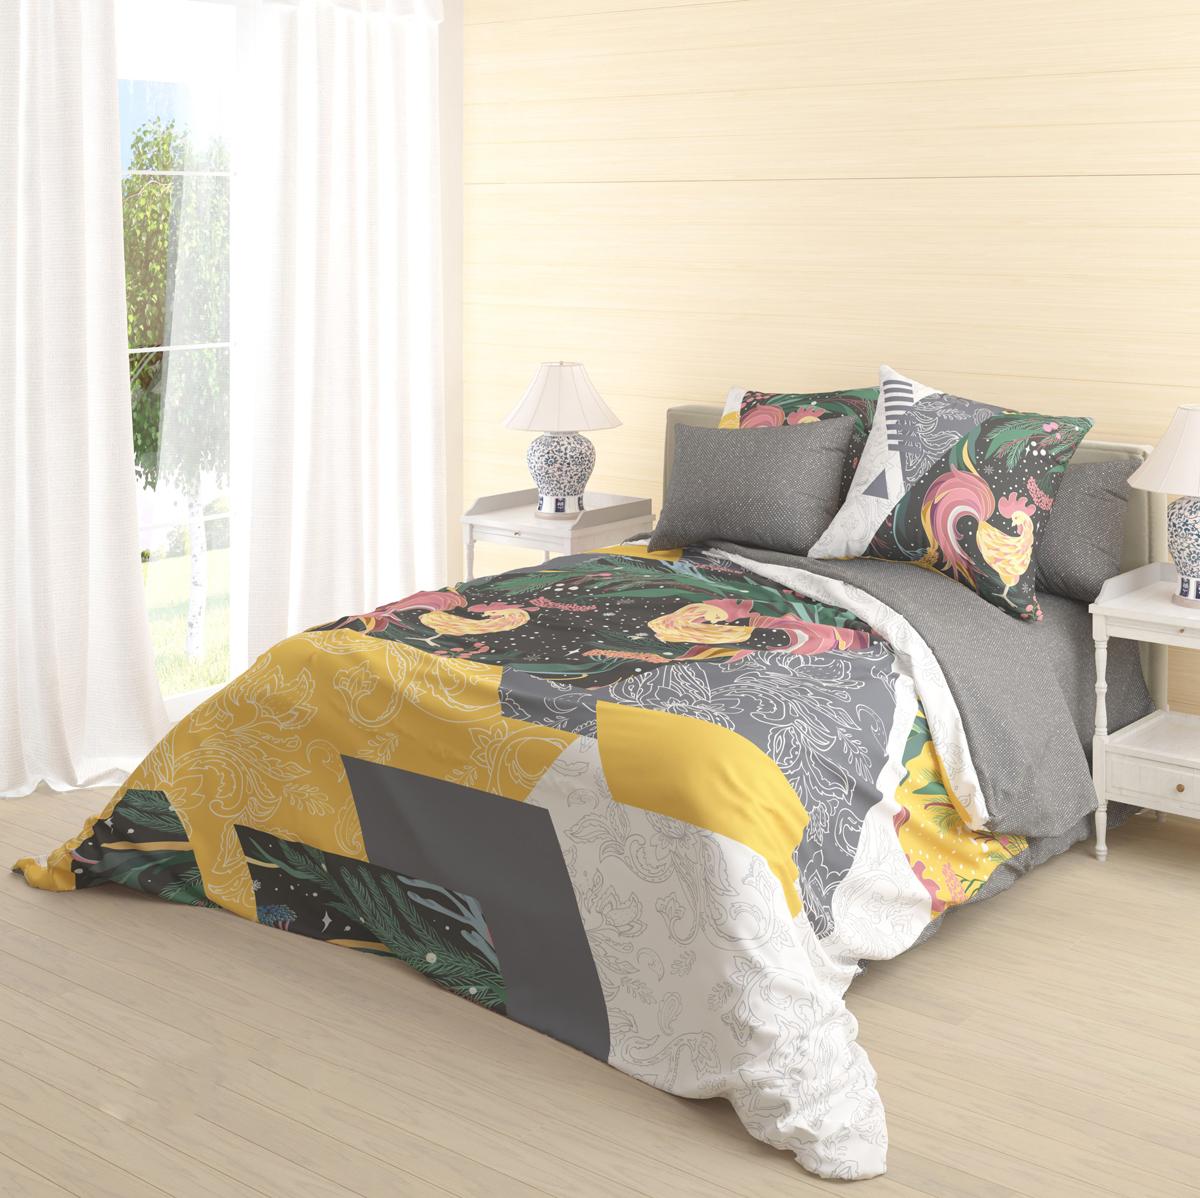 Комплект белья Волшебная ночь Zarya, 1,5-спальный, наволочки 70х70 см718616Роскошный комплект постельного белья Волшебная ночь Zarya выполнен из натурального ранфорса (100% хлопка) и оформлен оригинальным рисунком. Комплект состоит из пододеяльника, простыни и двух наволочек.Ранфорс - это новая современная гипоаллергенная ткань из натуральных хлопковых волокон, которая прекрасно впитывает влагу, очень проста в уходе, а за счет высокой прочности способна выдерживать большое количество стирок. Высочайшее качество материала гарантирует безопасность.